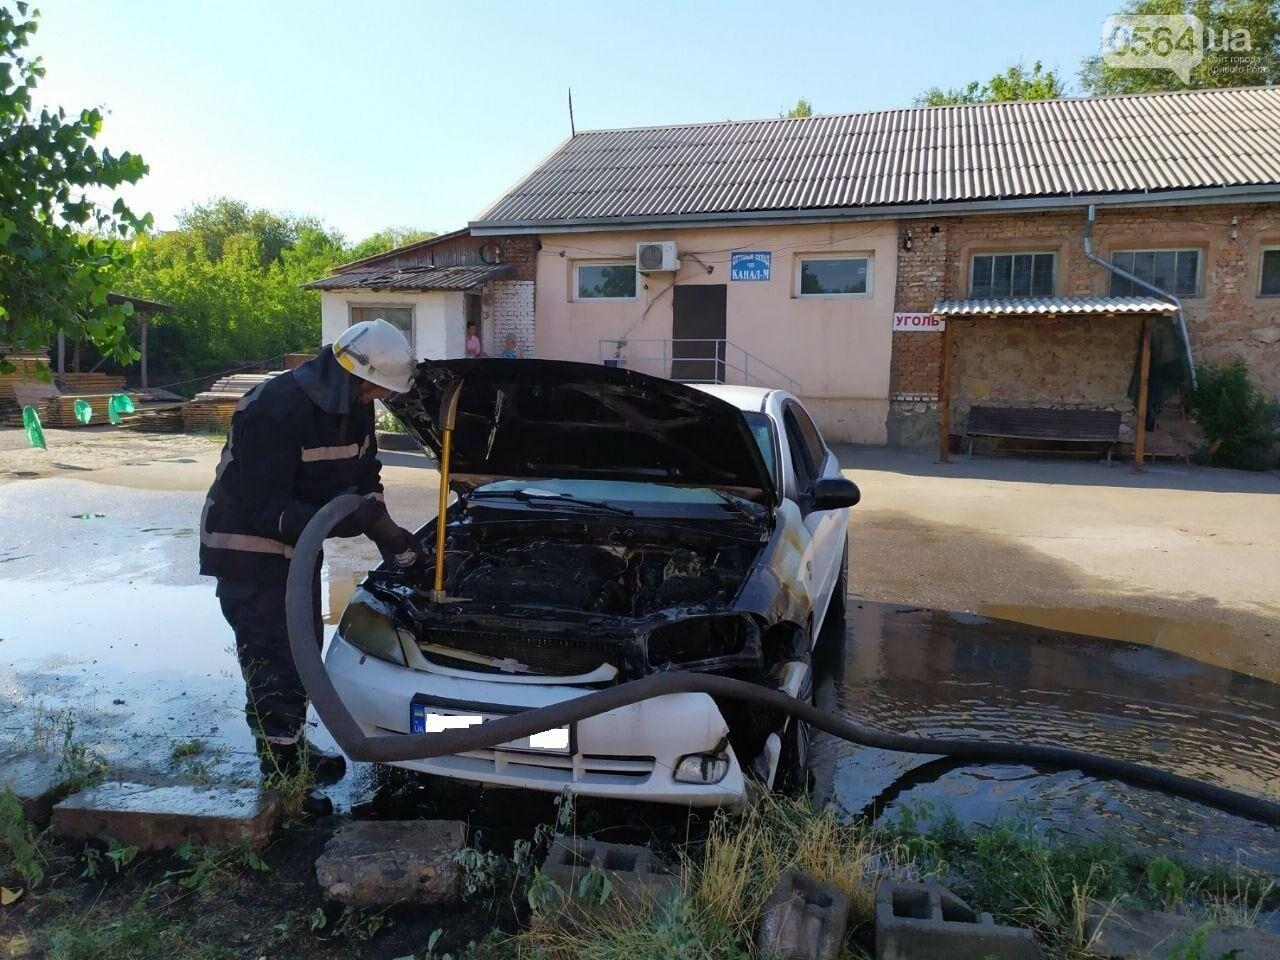 Утром в Кривом Роге горел легковой автомобиль, припаркованный на временной стоянке, - ФОТО , фото-2